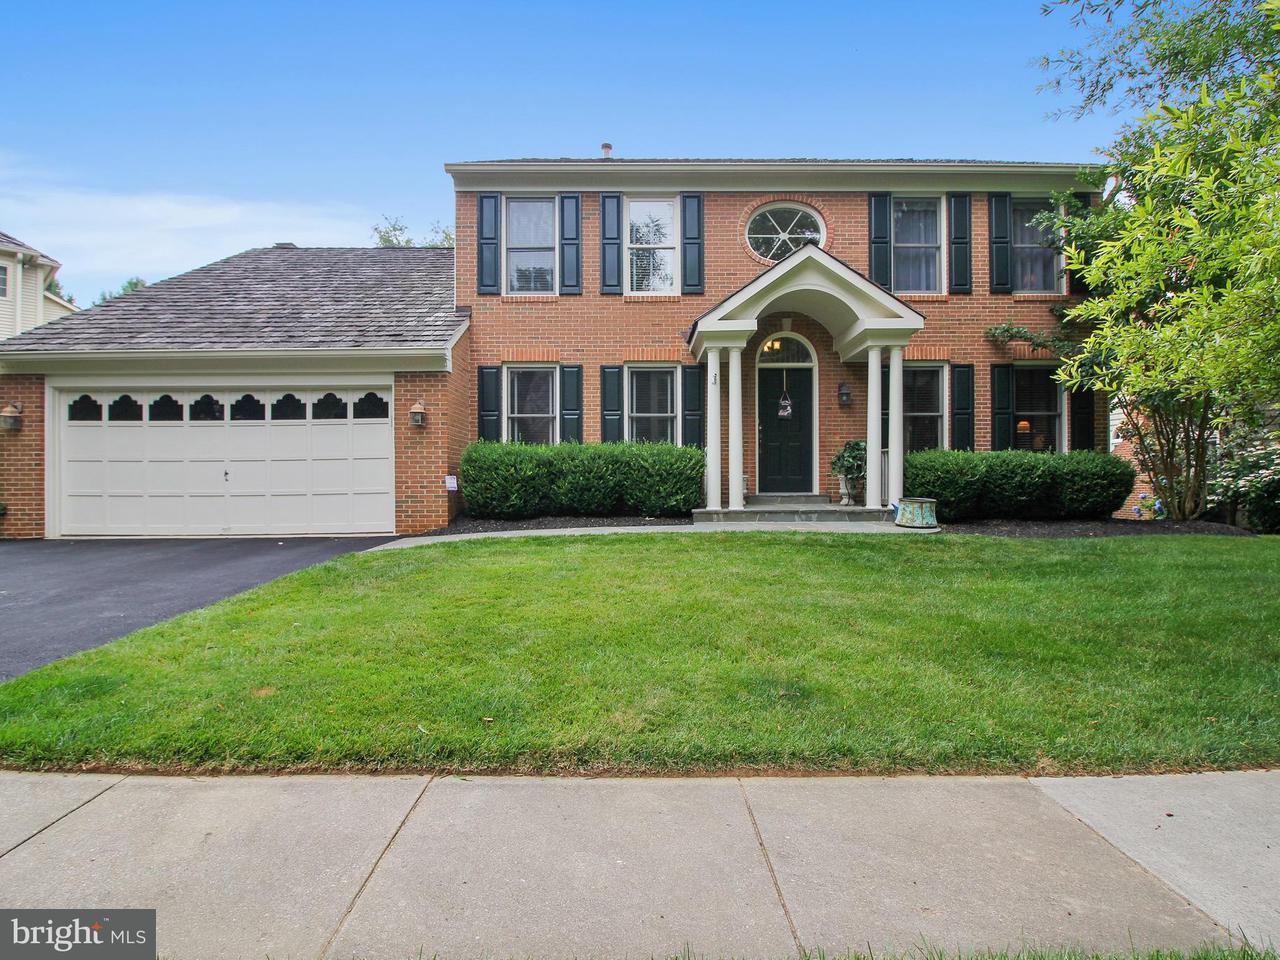 Einfamilienhaus für Verkauf beim 12013 Blackberry Ter 12013 Blackberry Ter North Potomac, Maryland 20878 Vereinigte Staaten